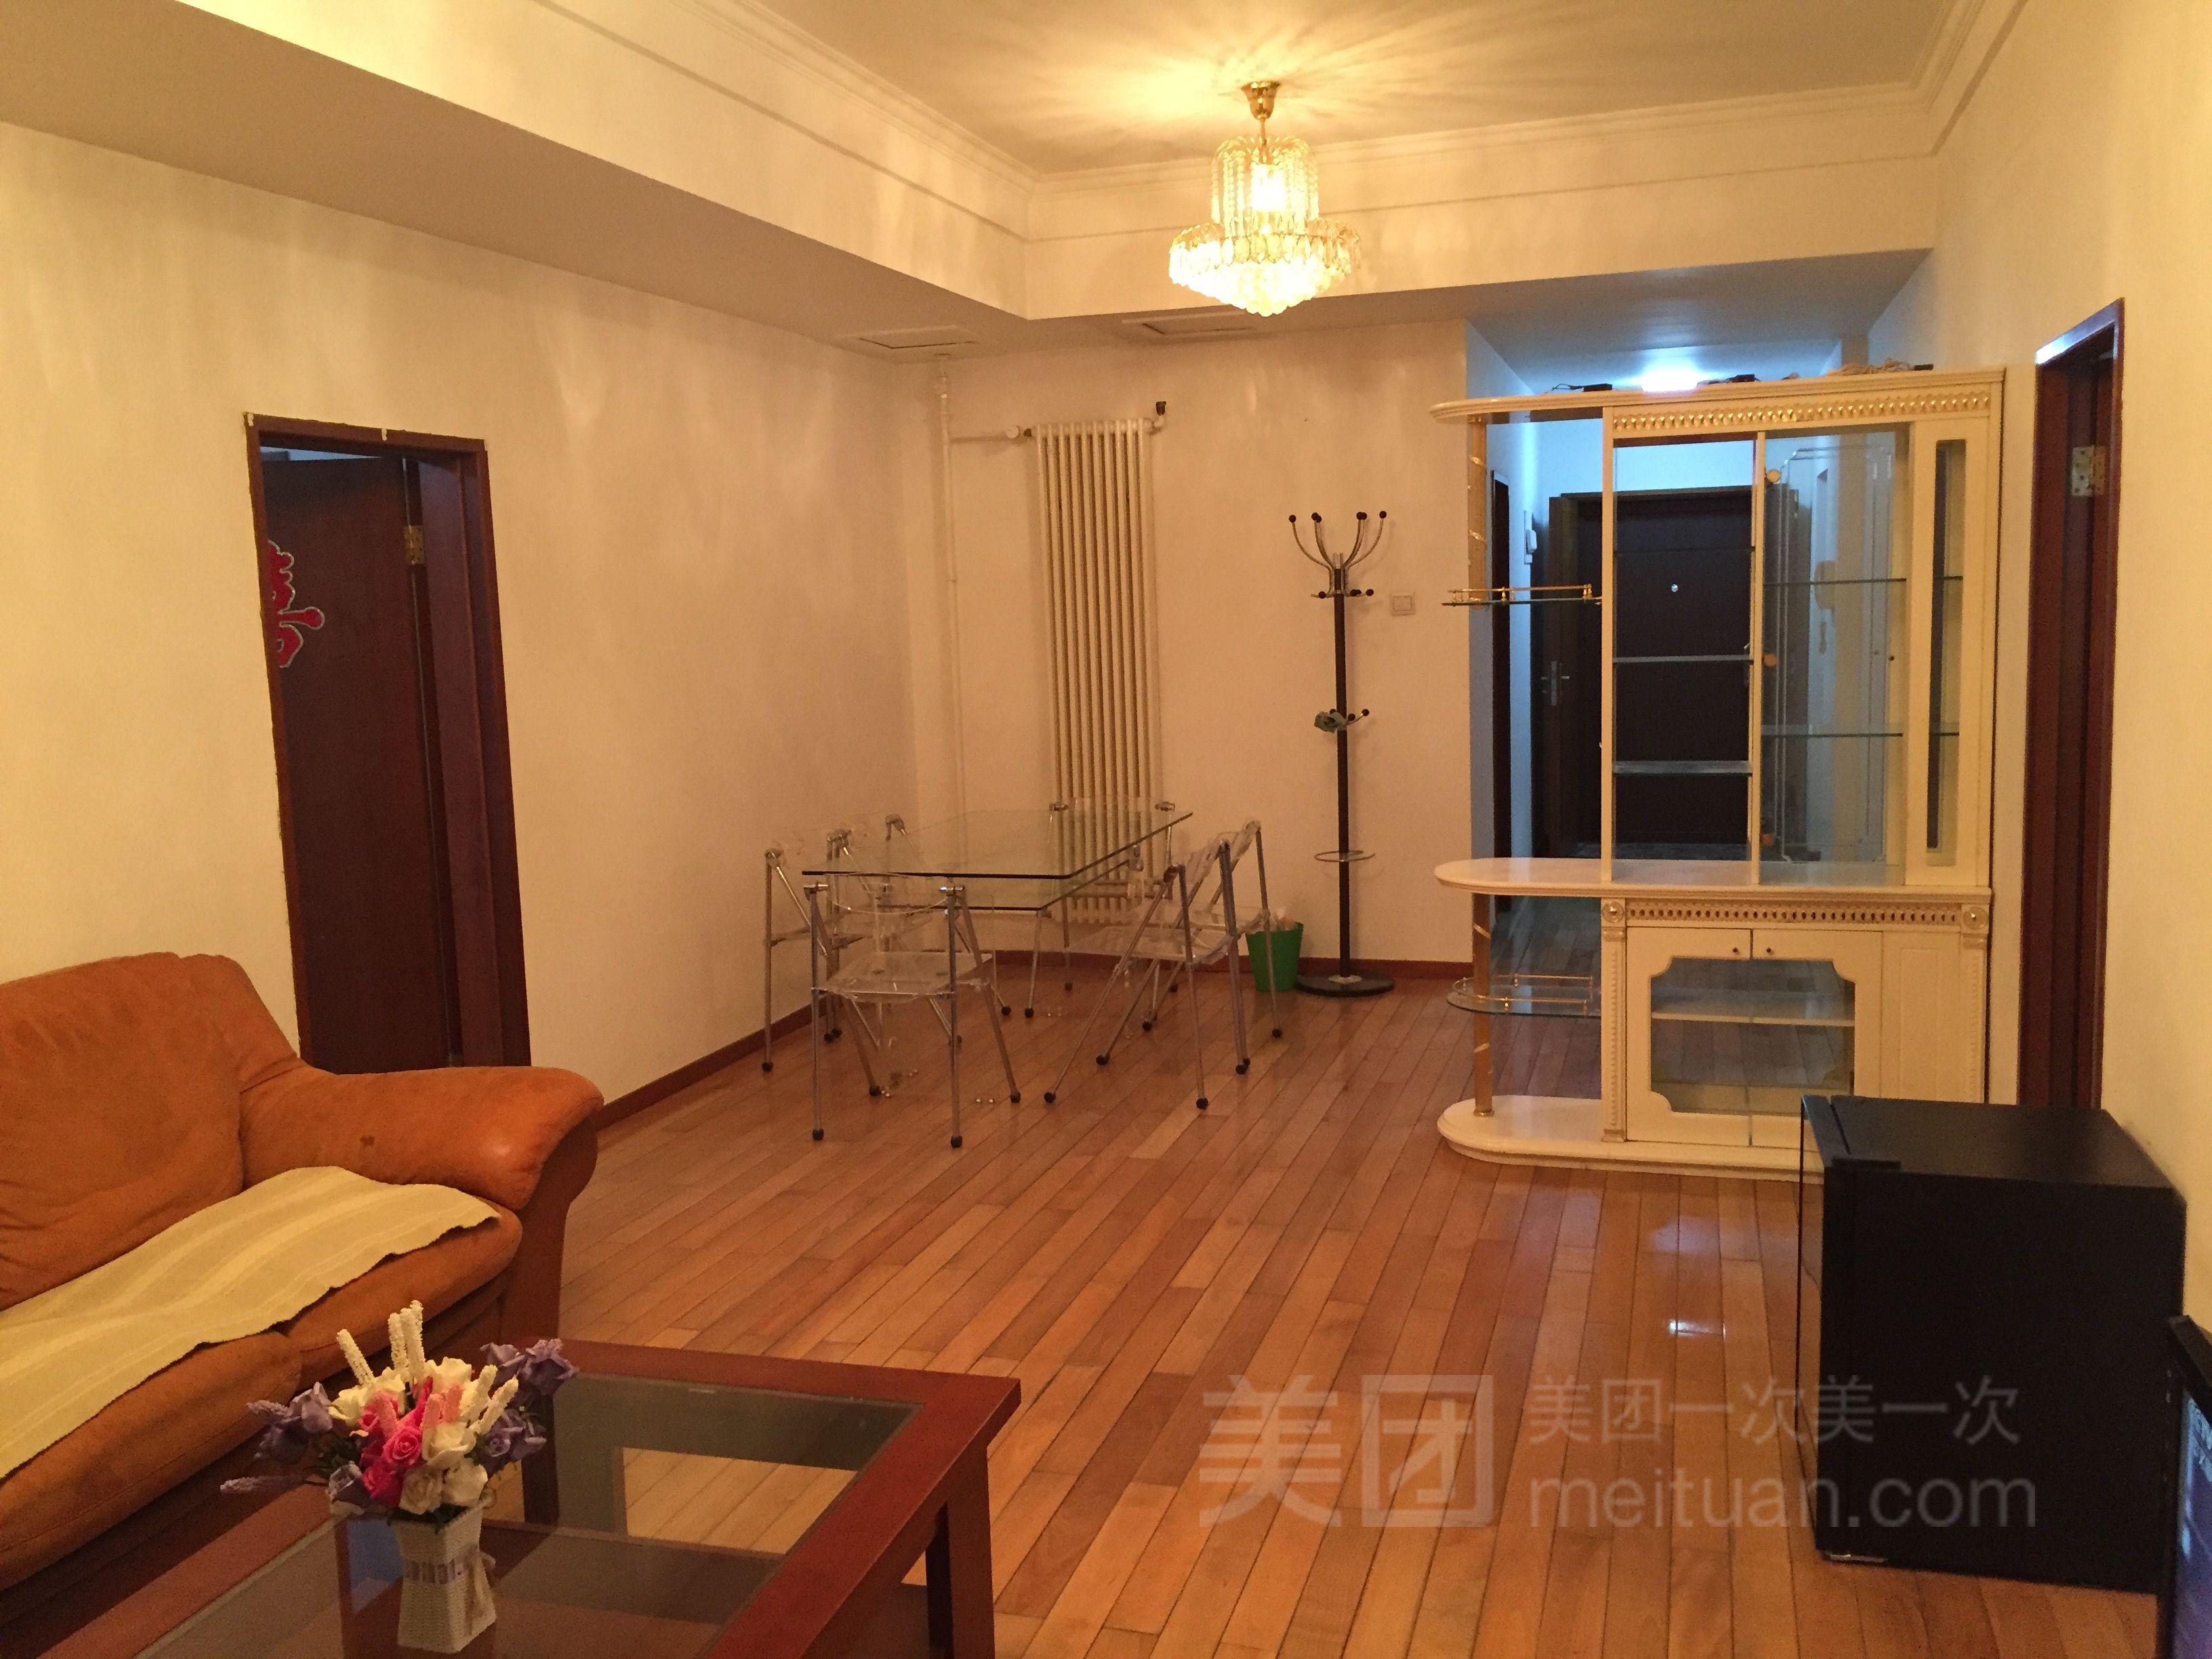 好山水酒店式公寓(SOHO现代城店)预订/团购